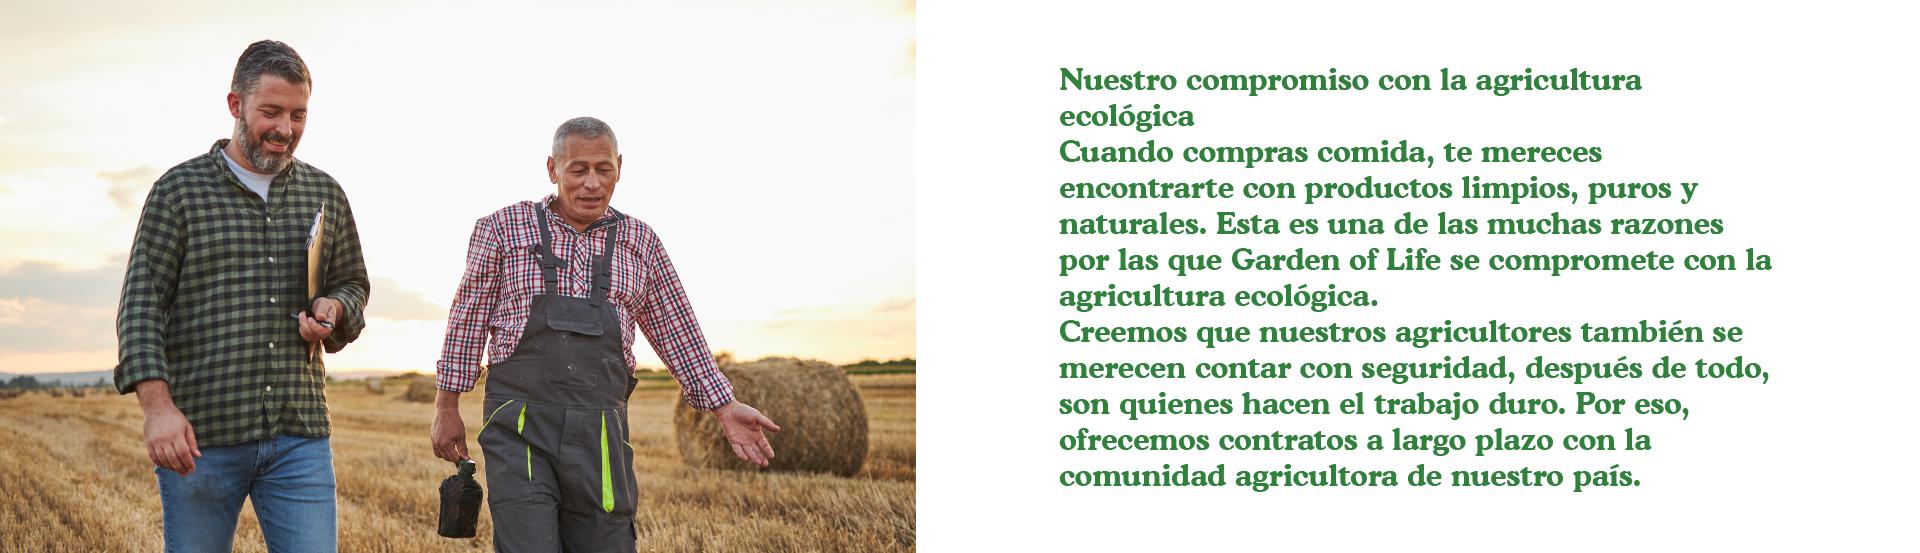 Nuestro compromiso con la agricultura ecológica